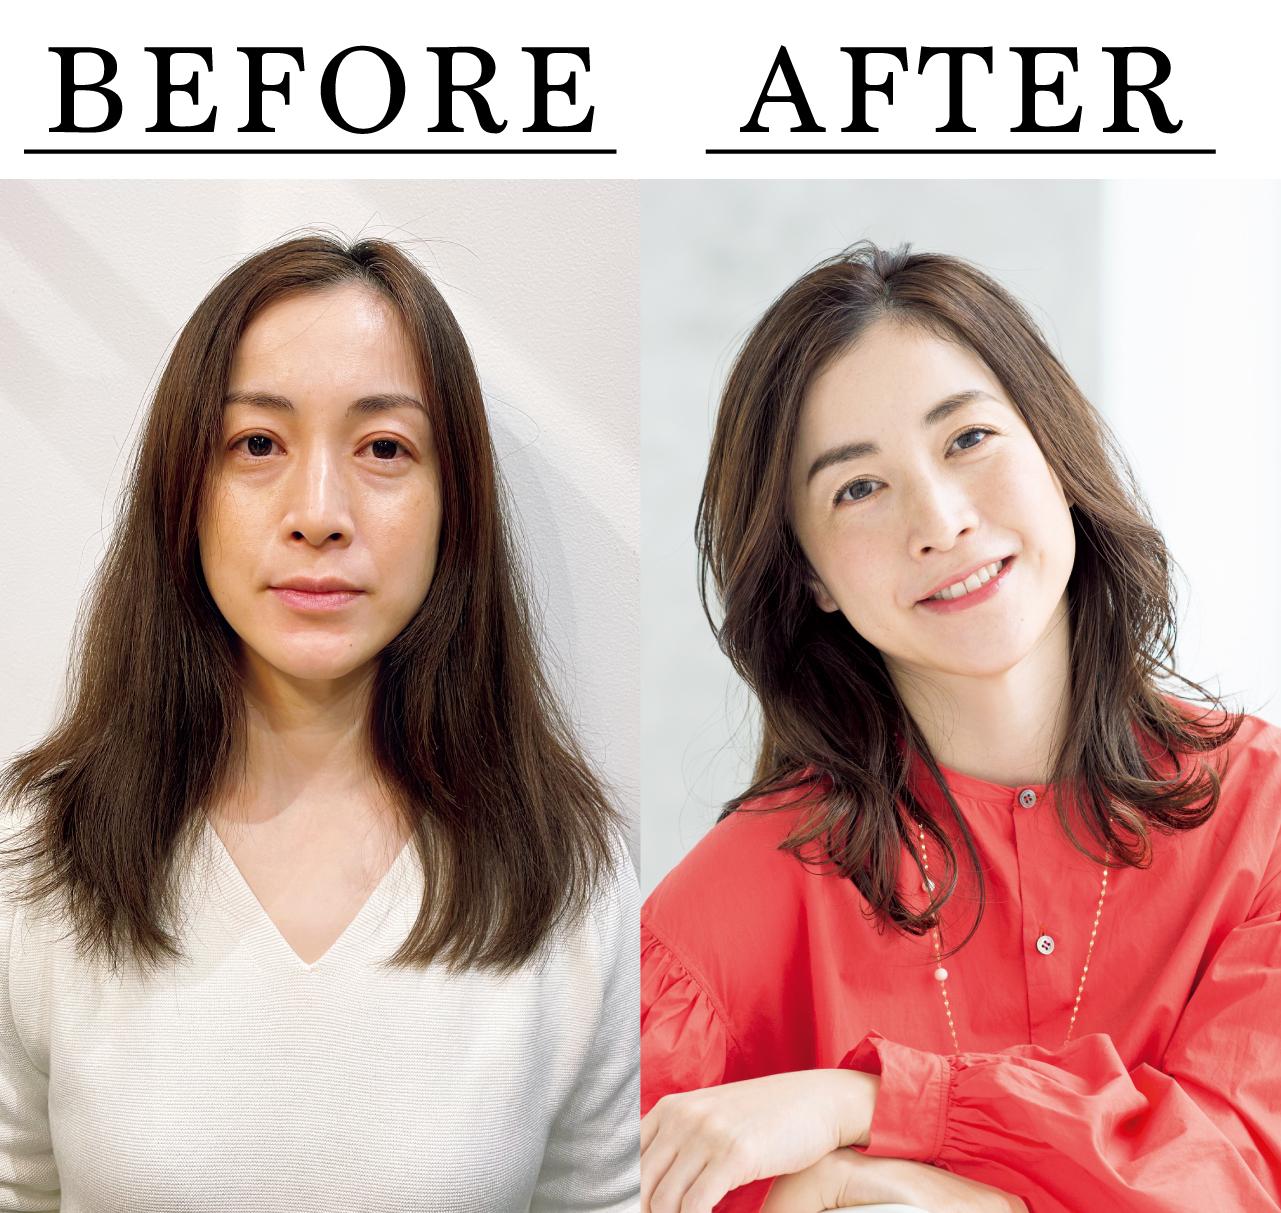 鳥居香絵さん Before After